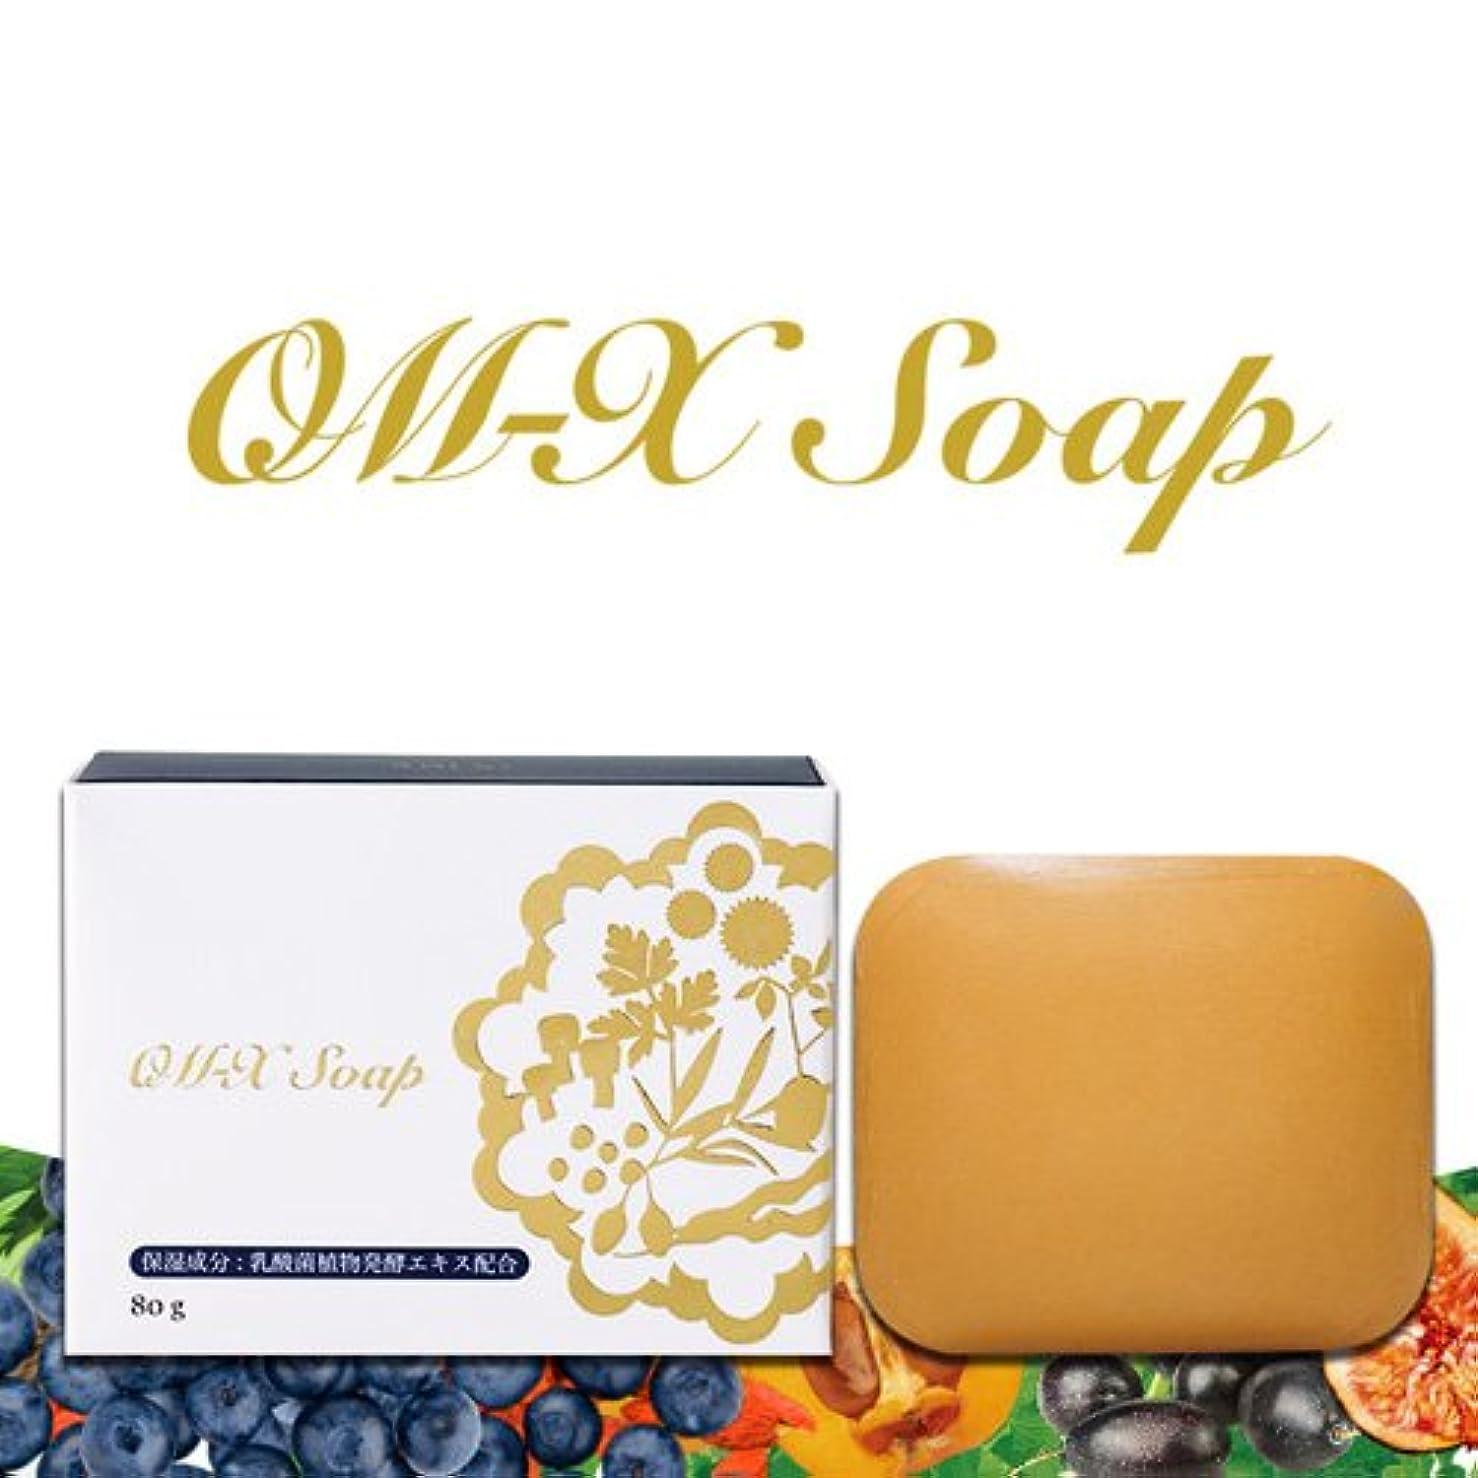 禁止する見かけ上ストライクOM-X Soap